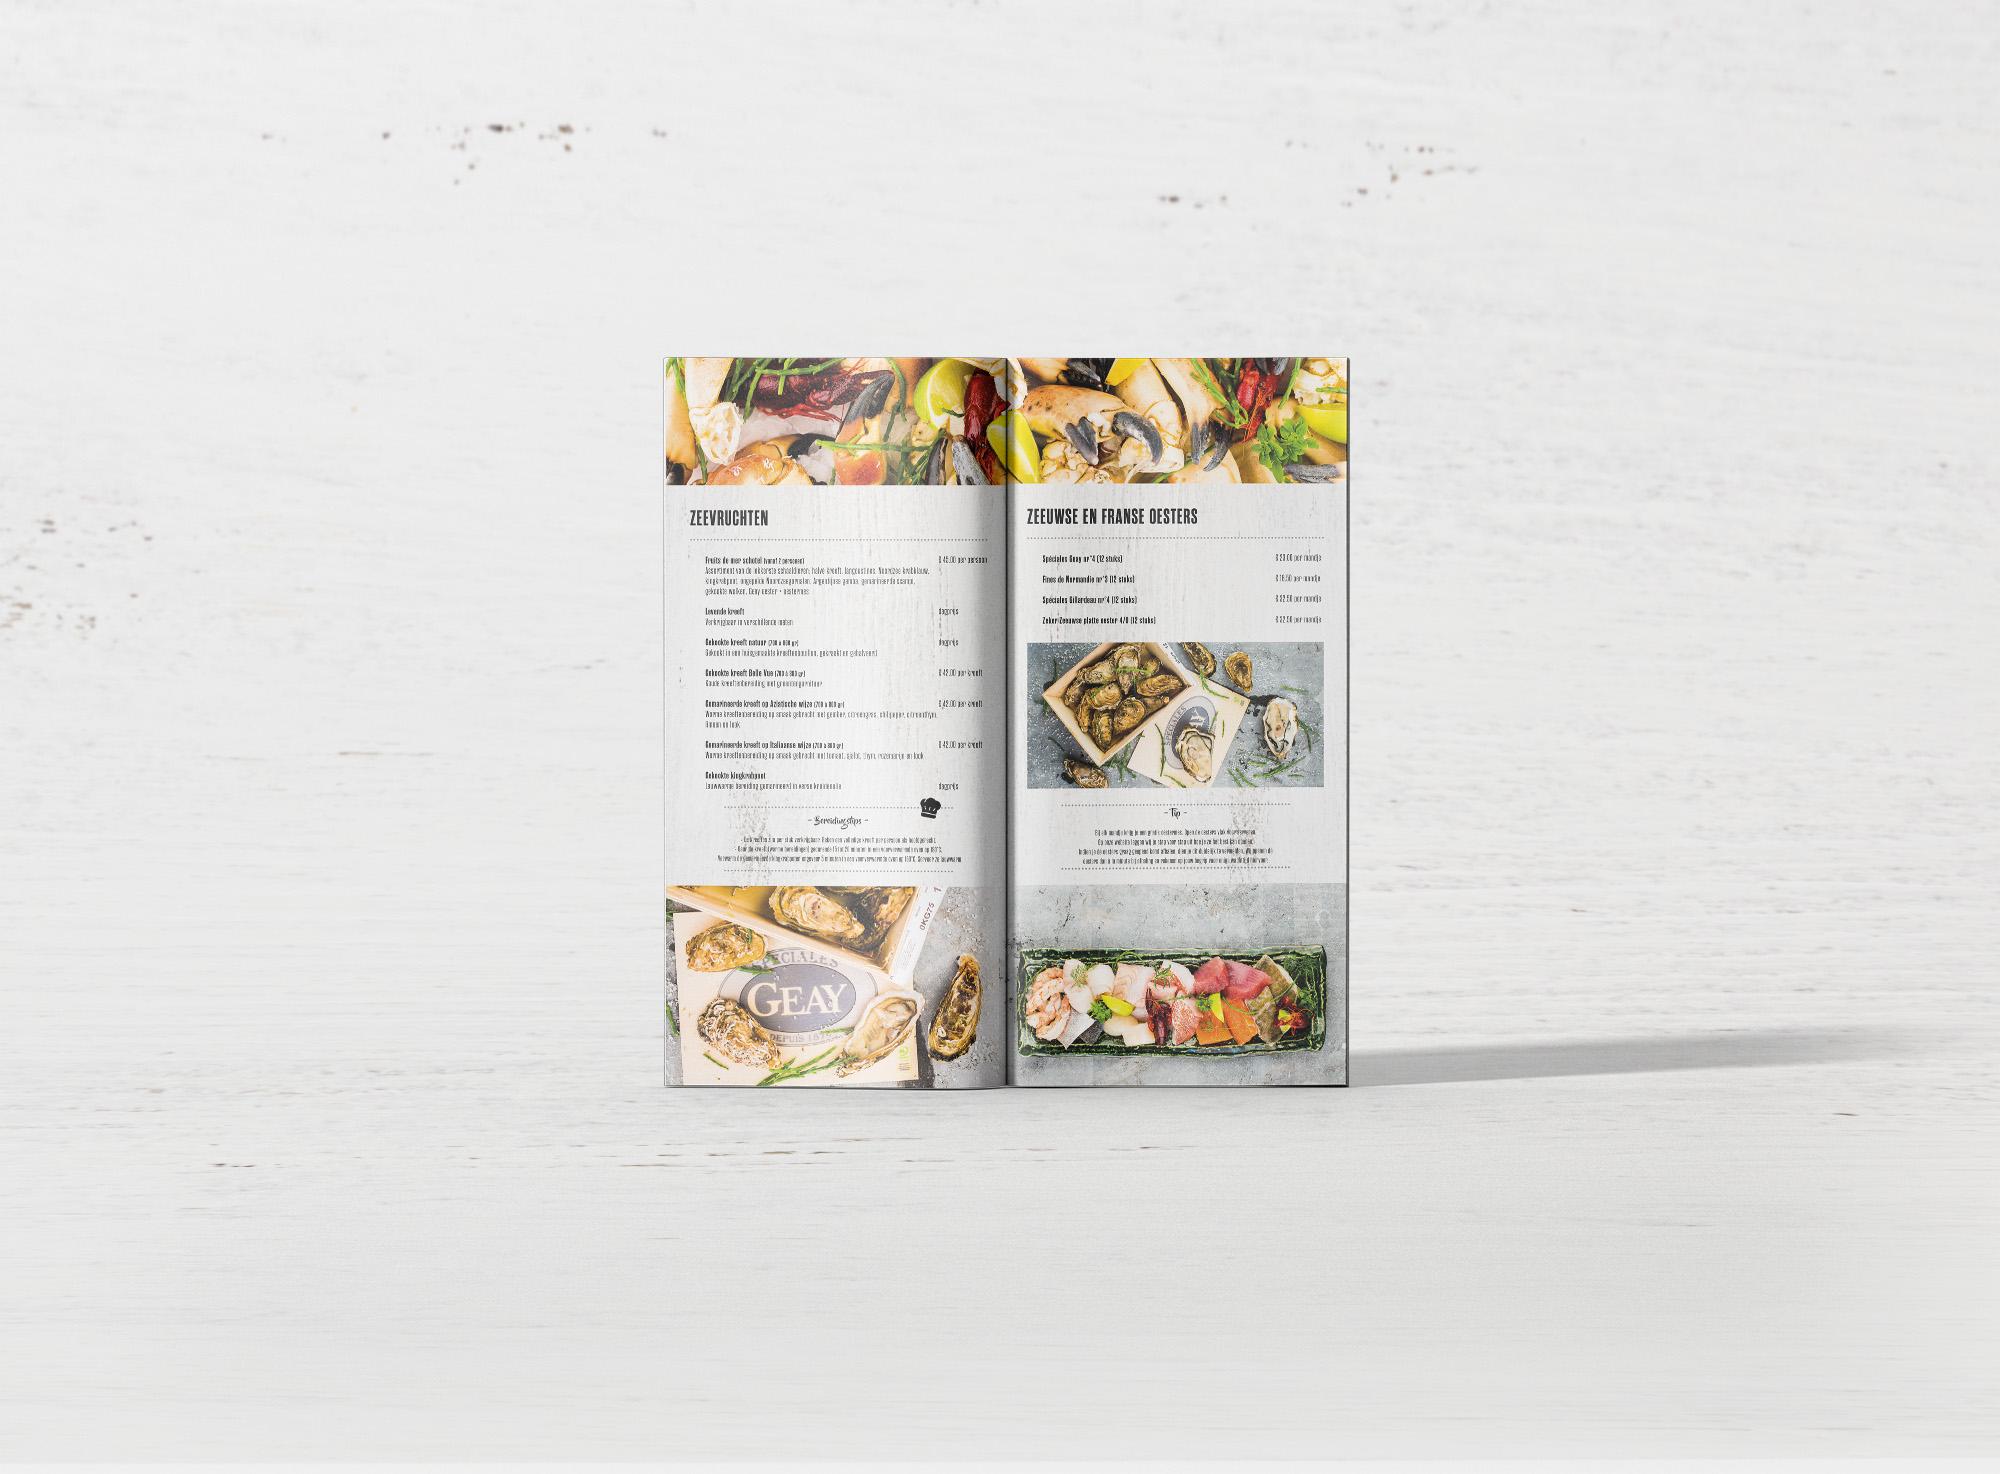 Feestfolder Sysmans Food Stores - Zeevruchtenschotels